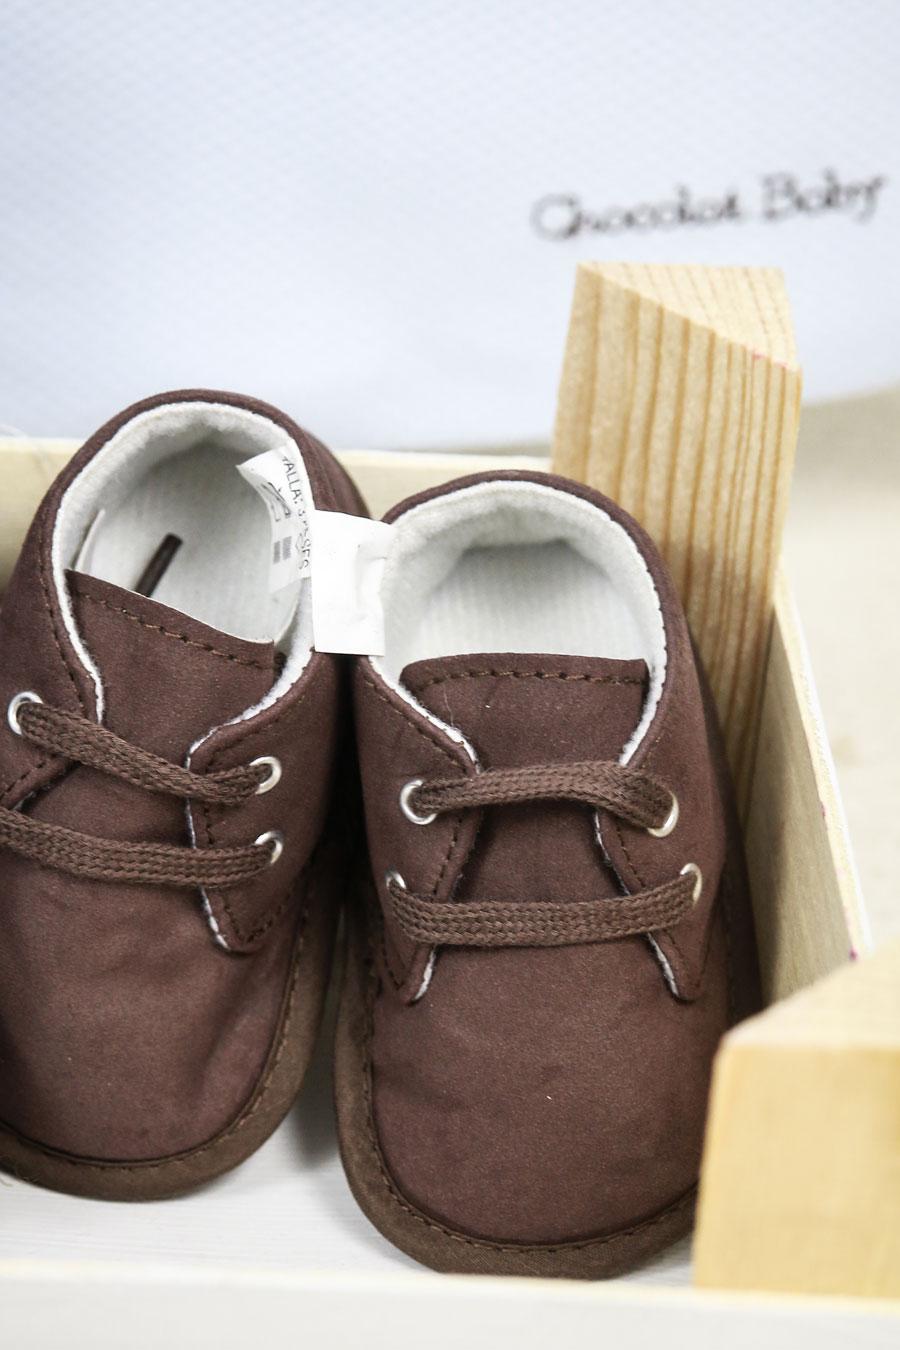 zapatitos en tonos marrones para los pequeños/as de la casa